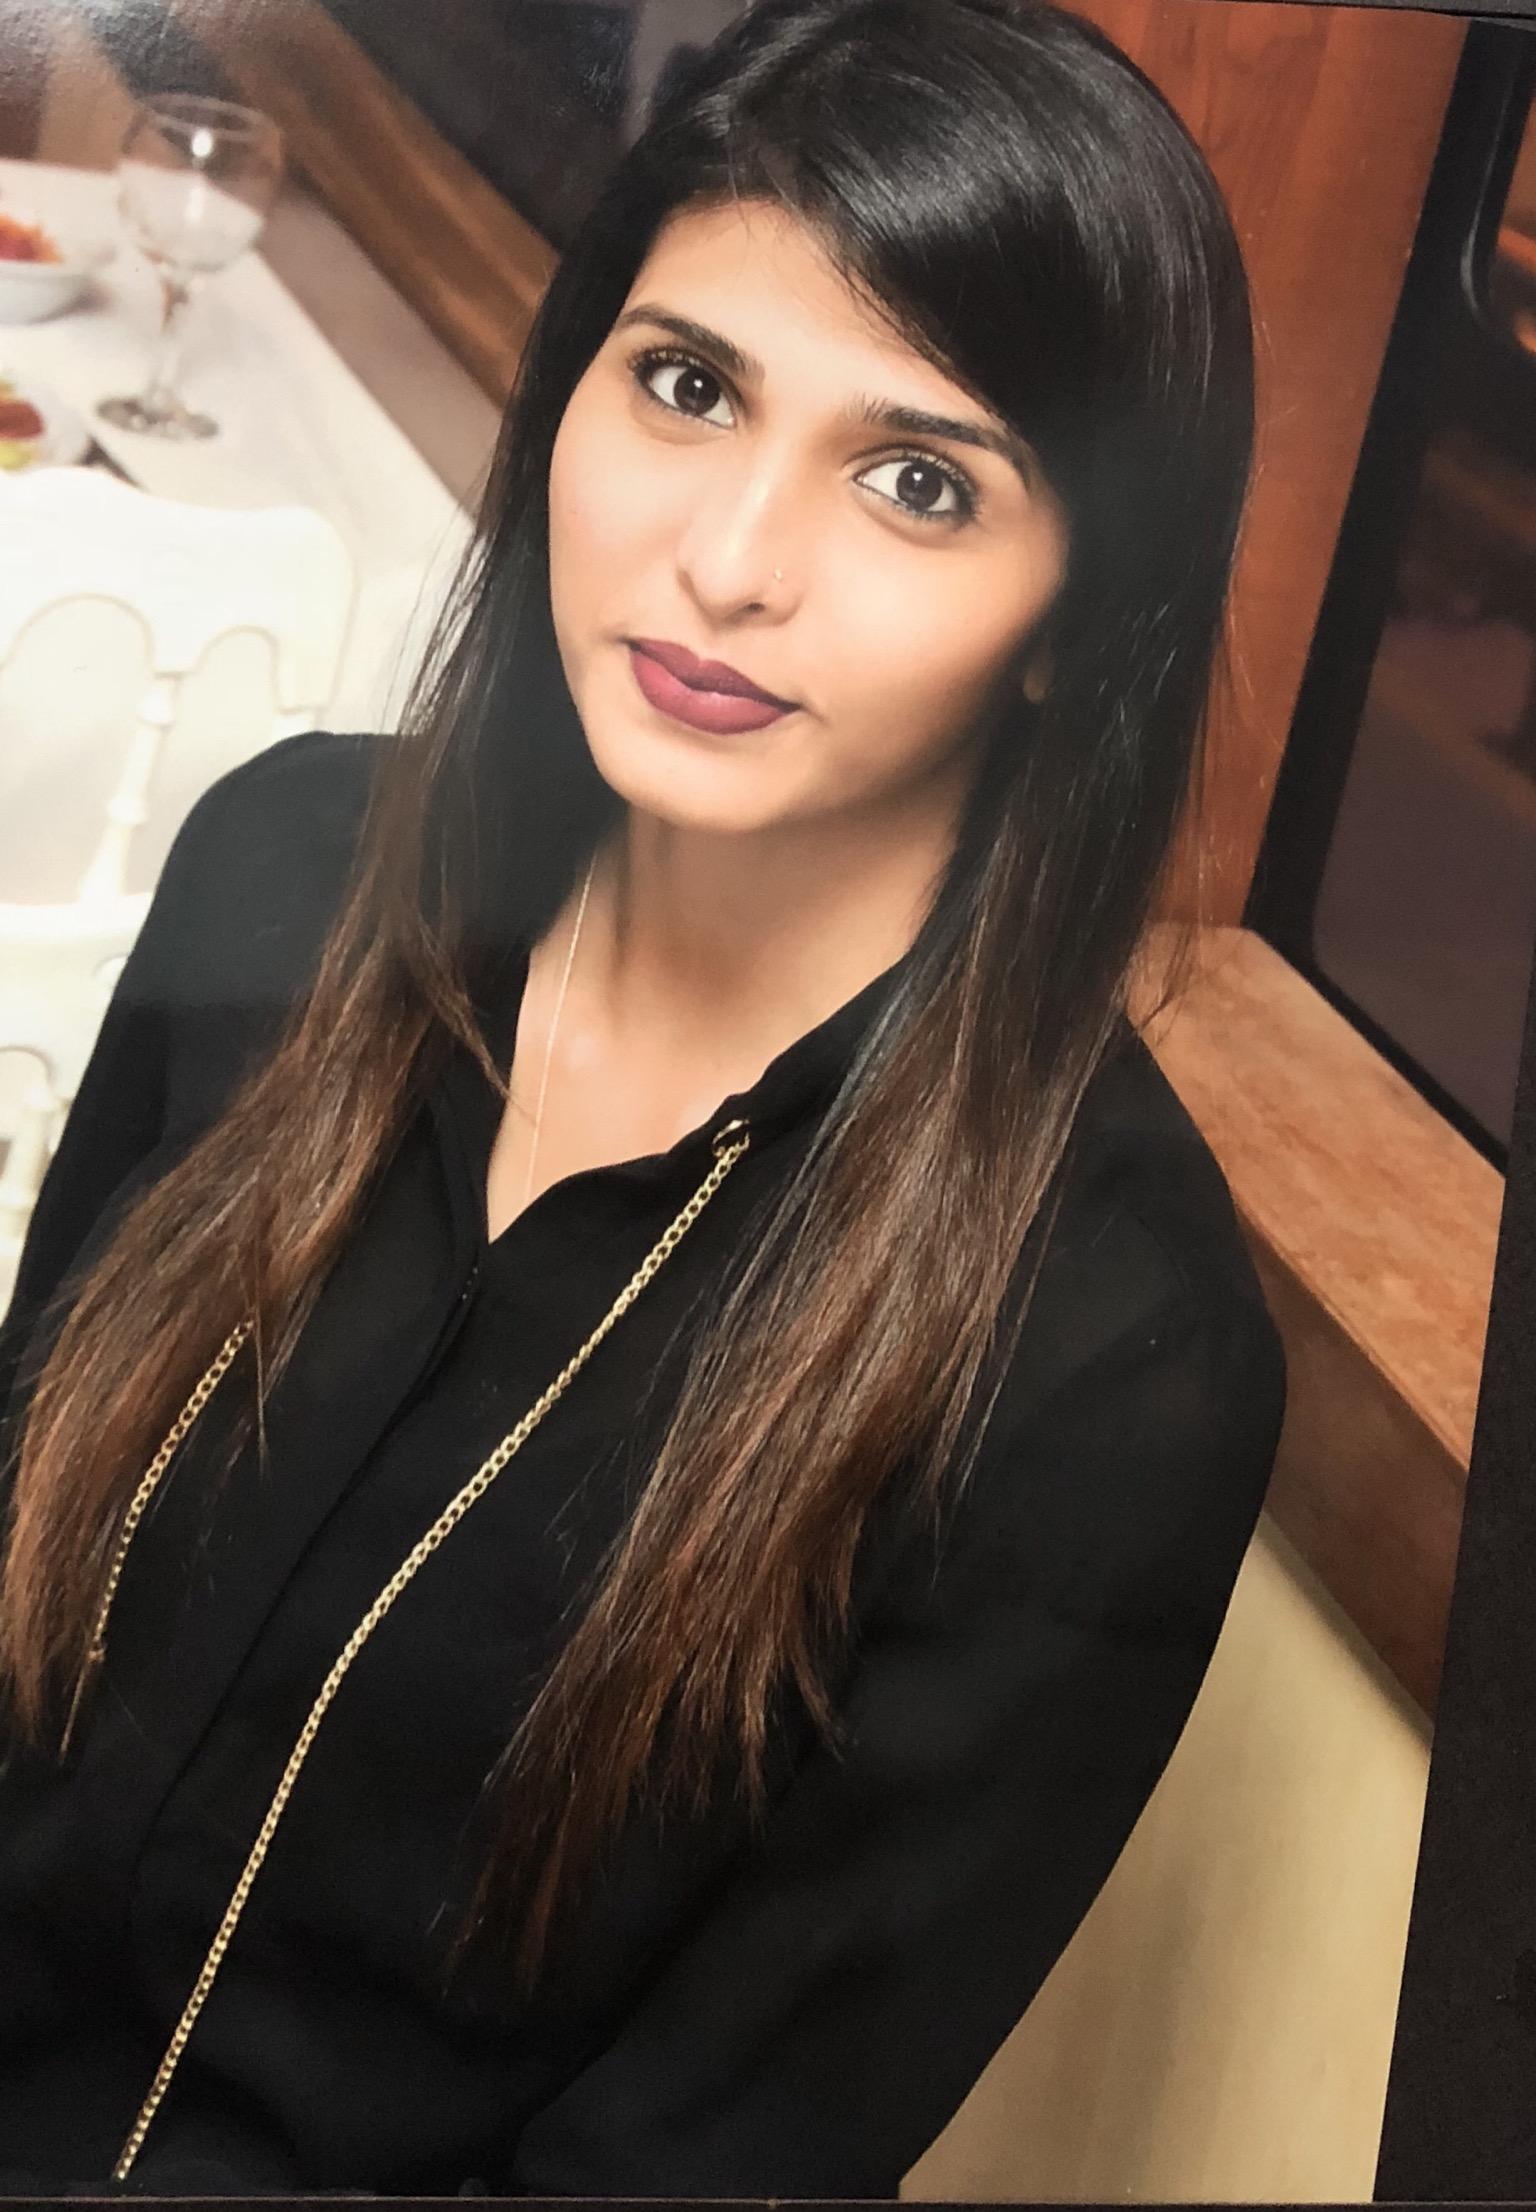 Ms. Syeda Naureen Ahmed